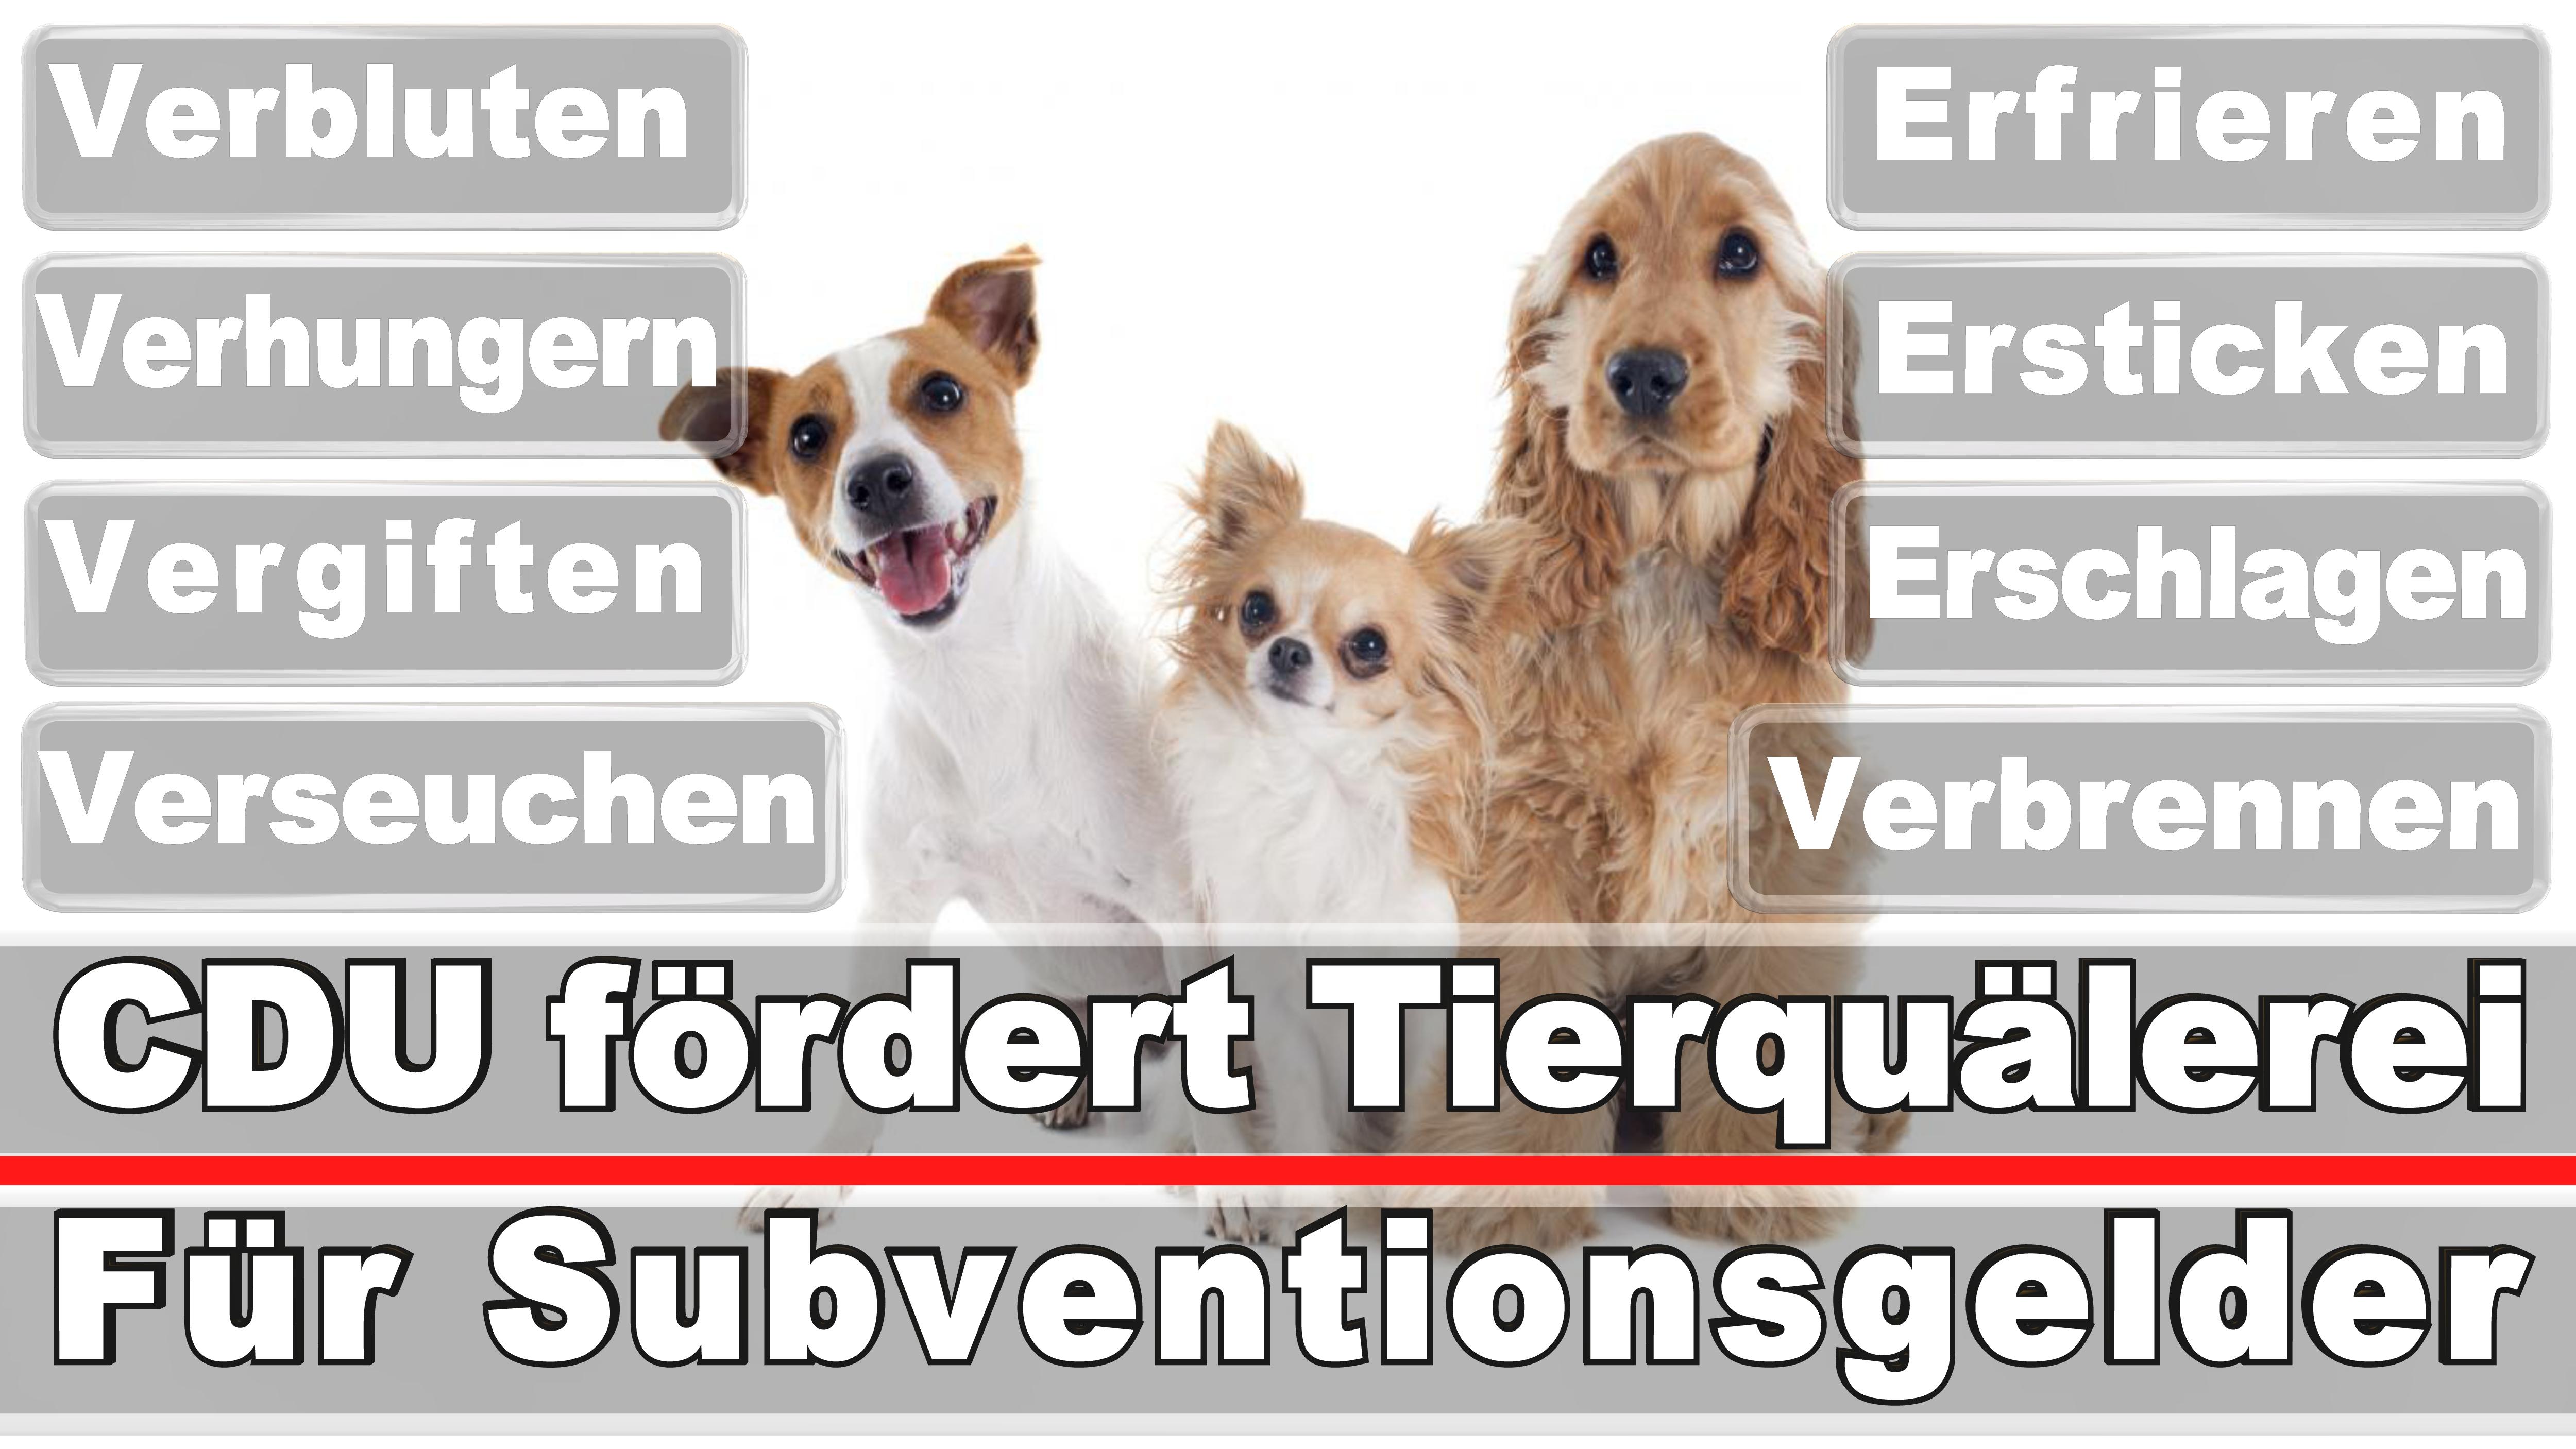 Landtagswahl-Bundestagswahl-CDU-SPD-FDP-AFD-Linke-Piraten (51)